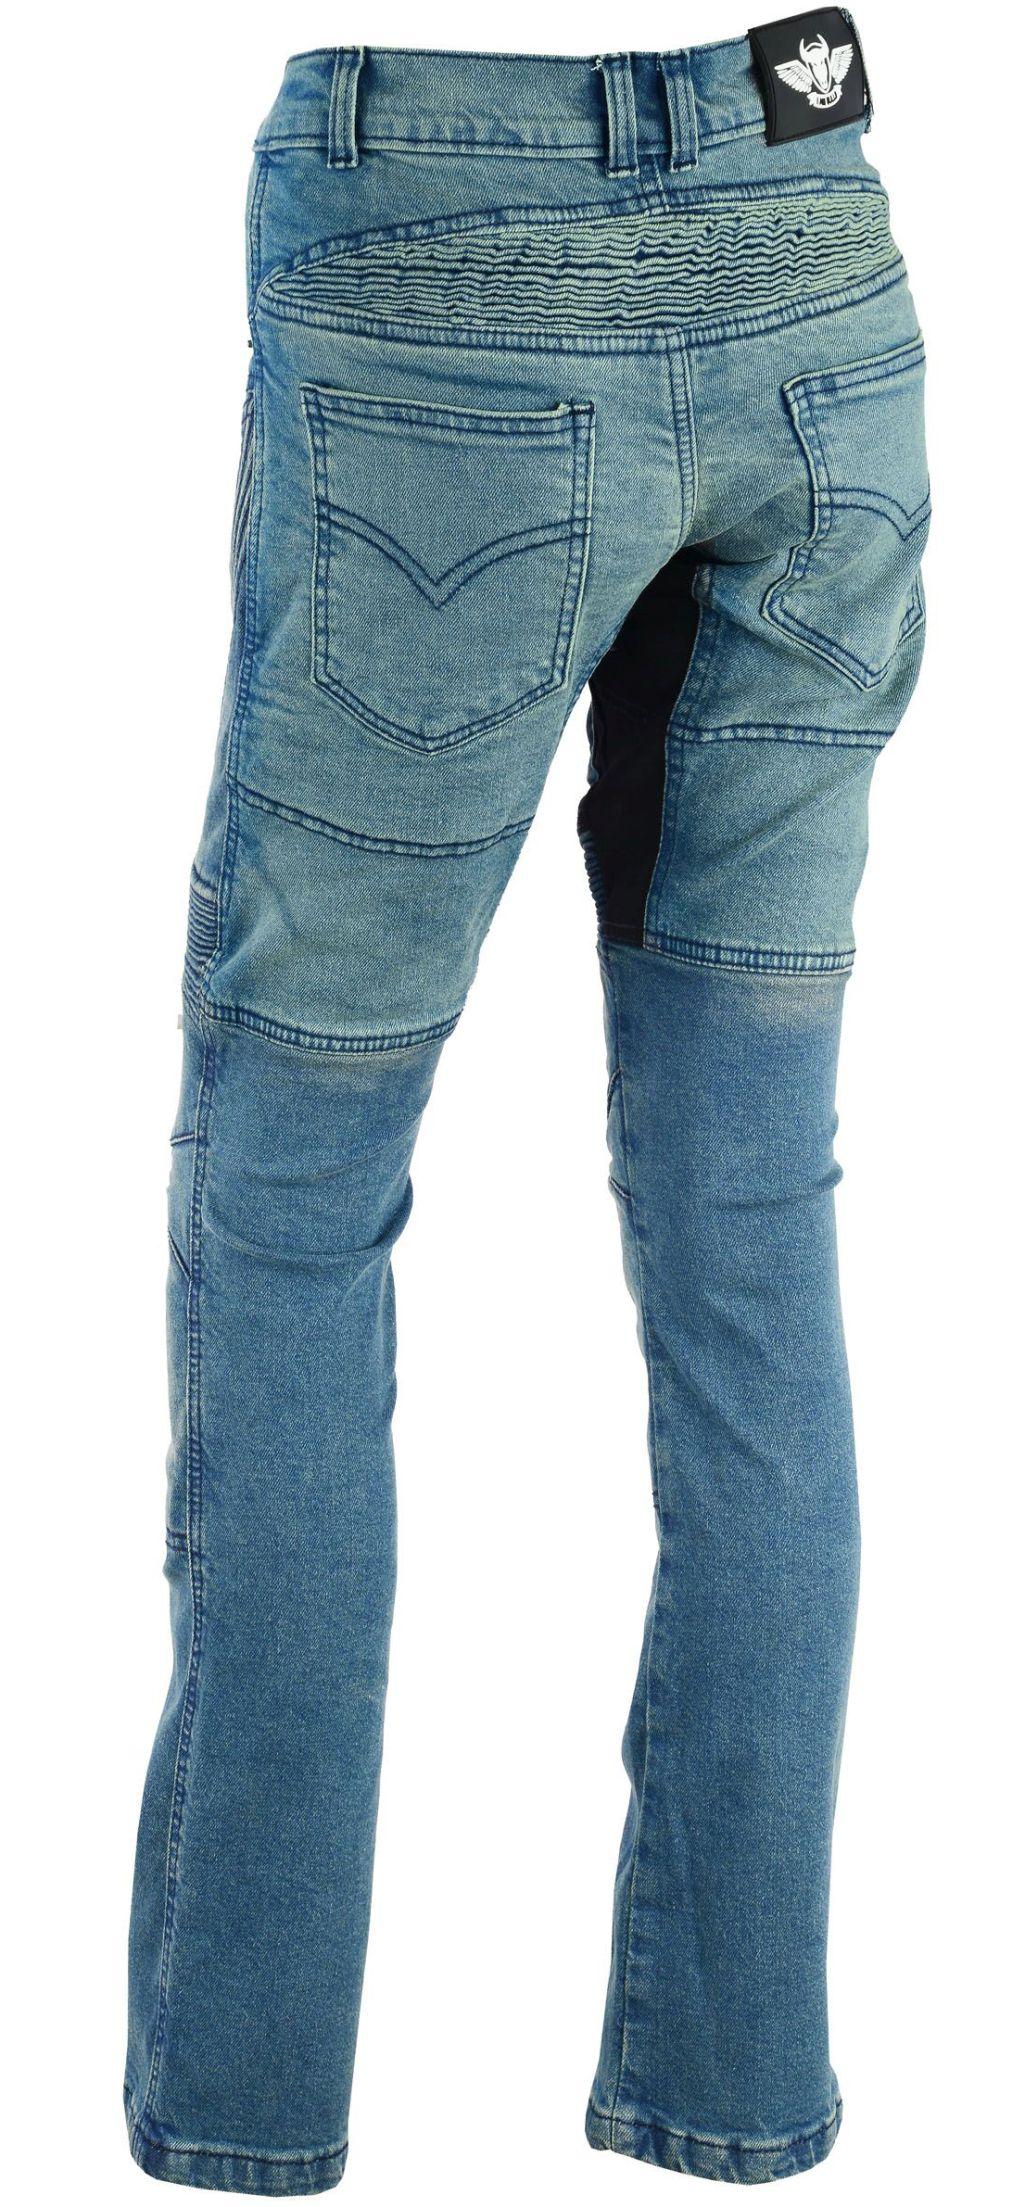 Damen Motorrad Hose Motorradhose Jeans Denim mit Protektoren blau 28 - 36 inch